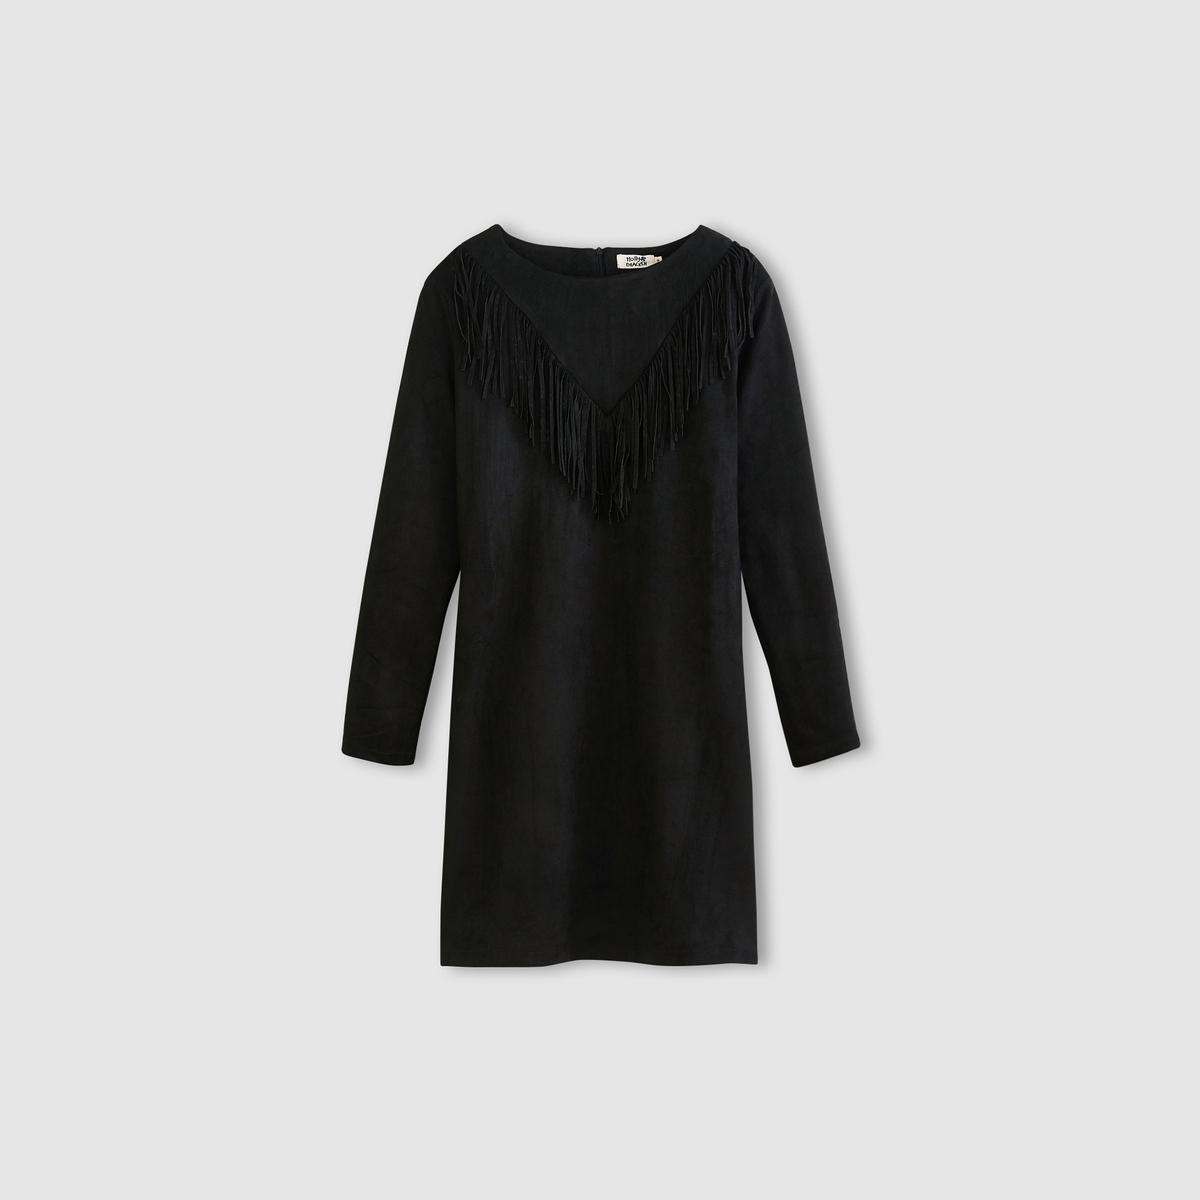 Платье короткое прямого покрояСостав и описание :Материал : 85% вискозы, 15% полиэстераМарка : MOLLY BRACKEN<br><br>Цвет: черный<br>Размер: L